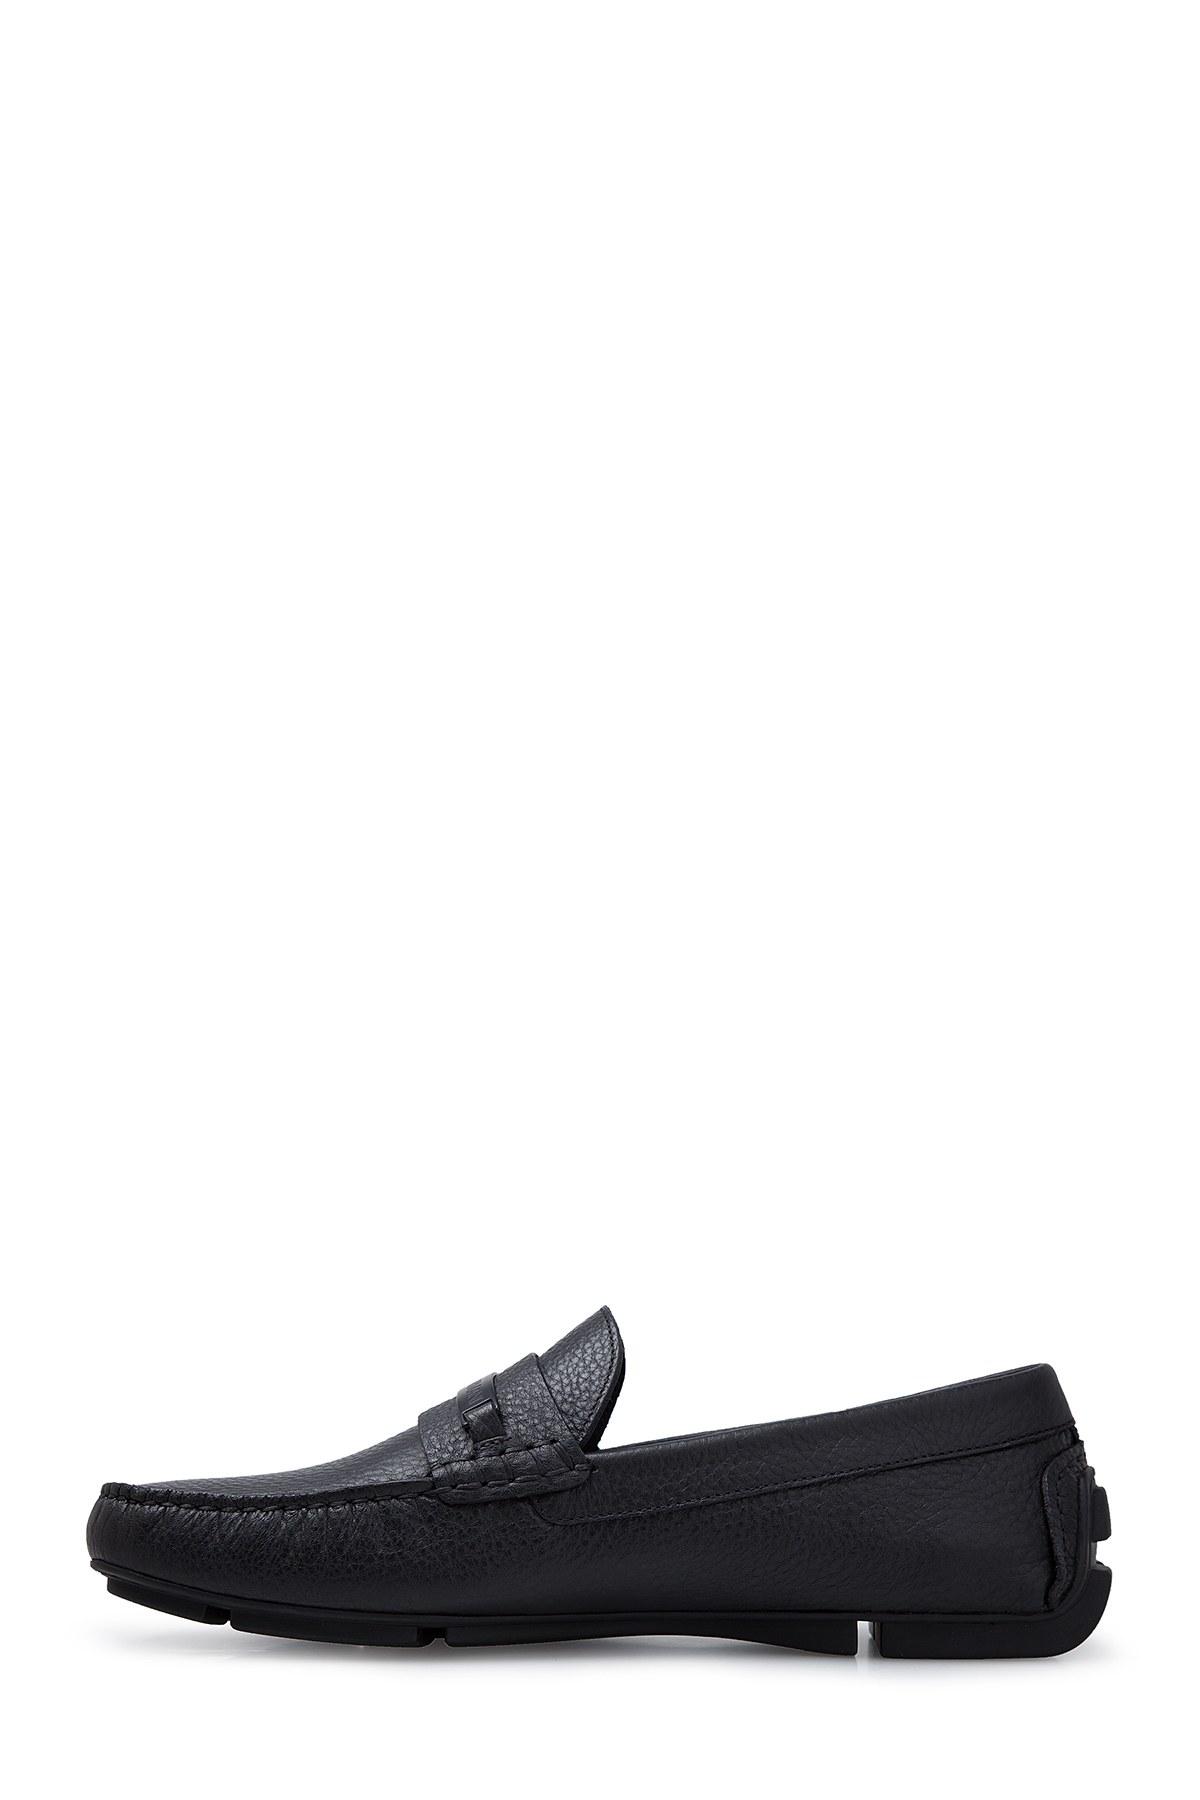 Emporio Armani Erkek Ayakkabı X4B134 XF436 00002 SİYAH